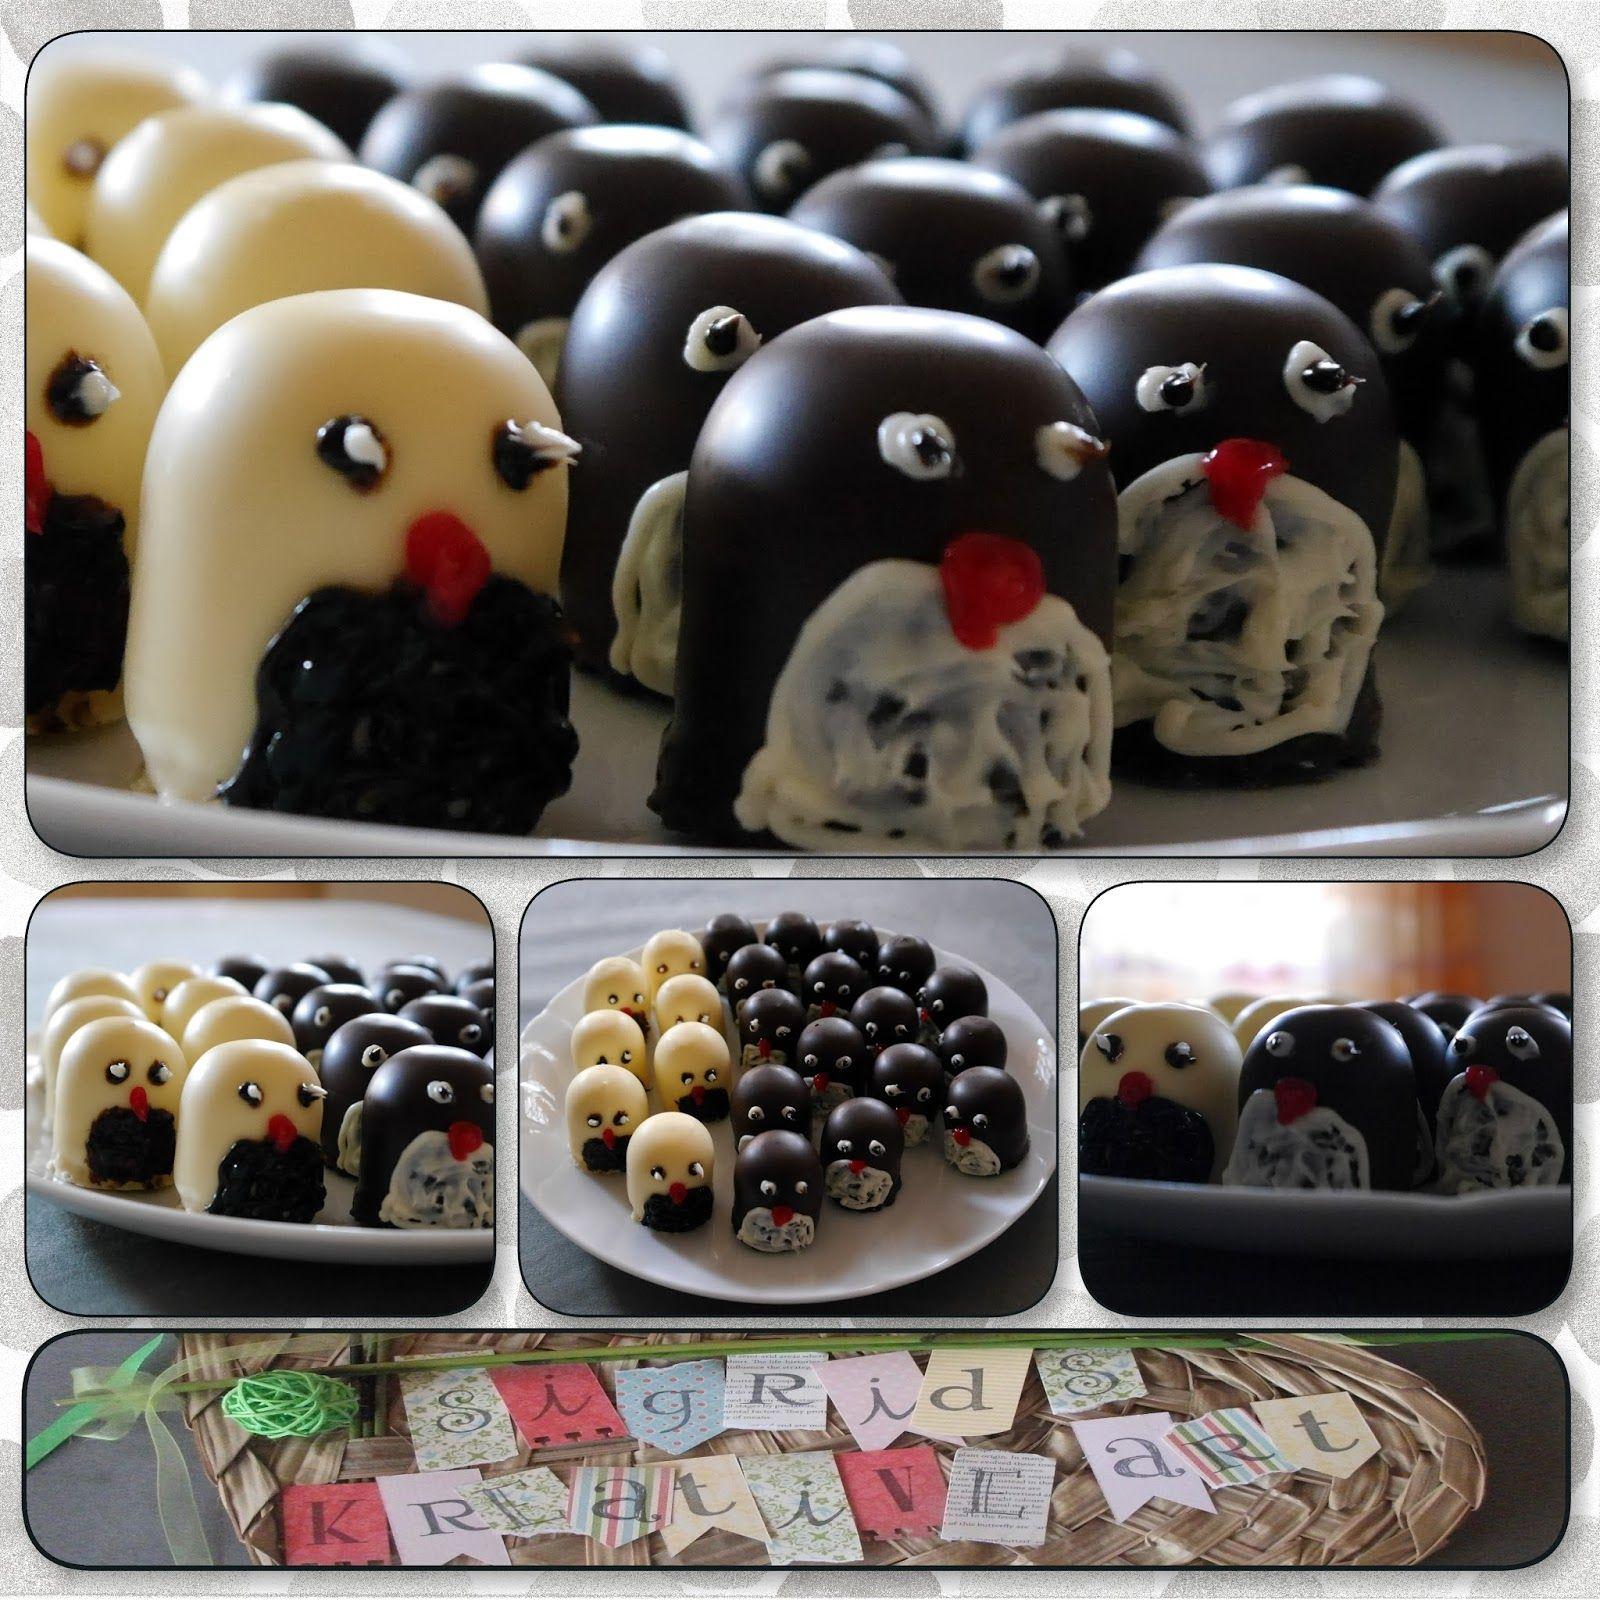 Sigrids kreative ART: Invasion der Pinguine